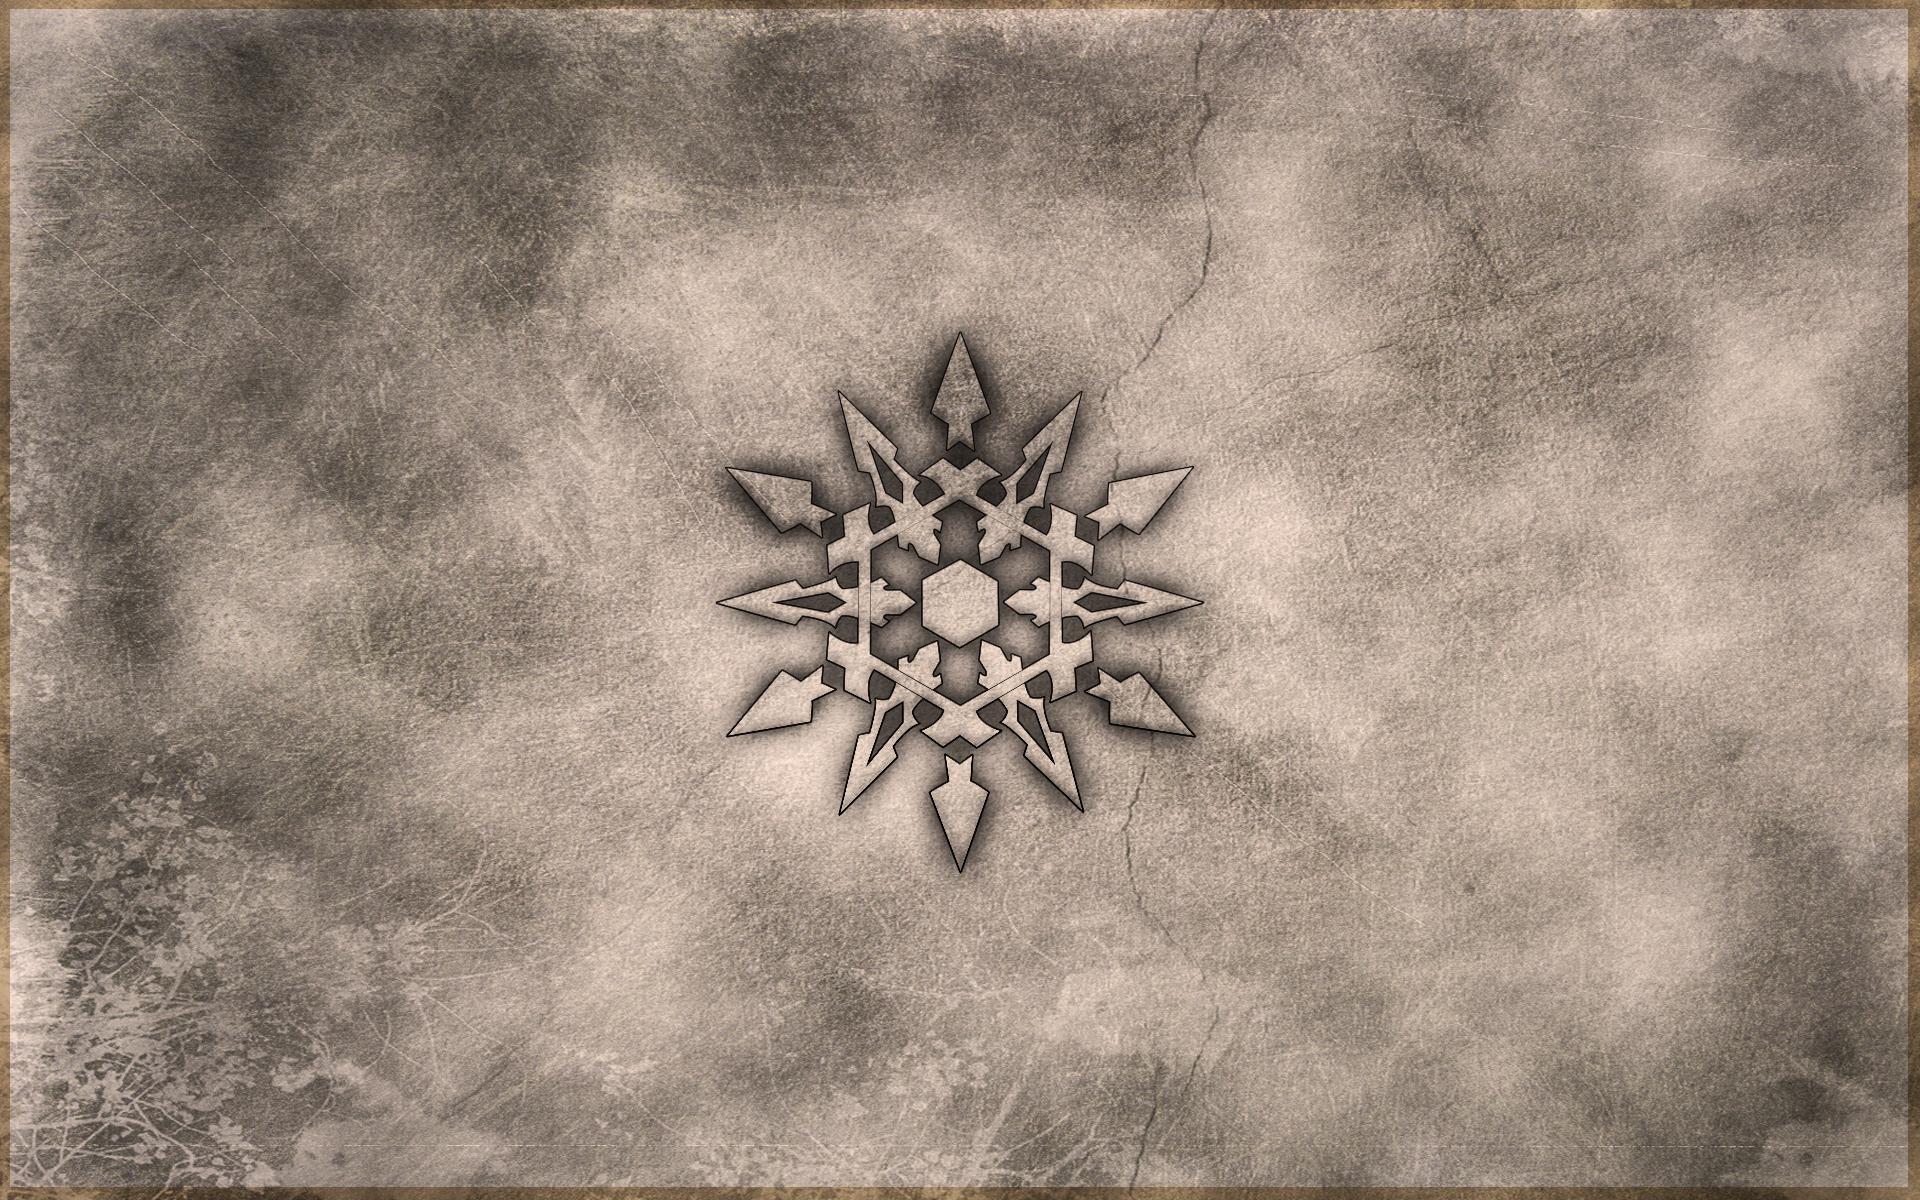 RWBY weiss schnee symbol wallpaper by crypticspider